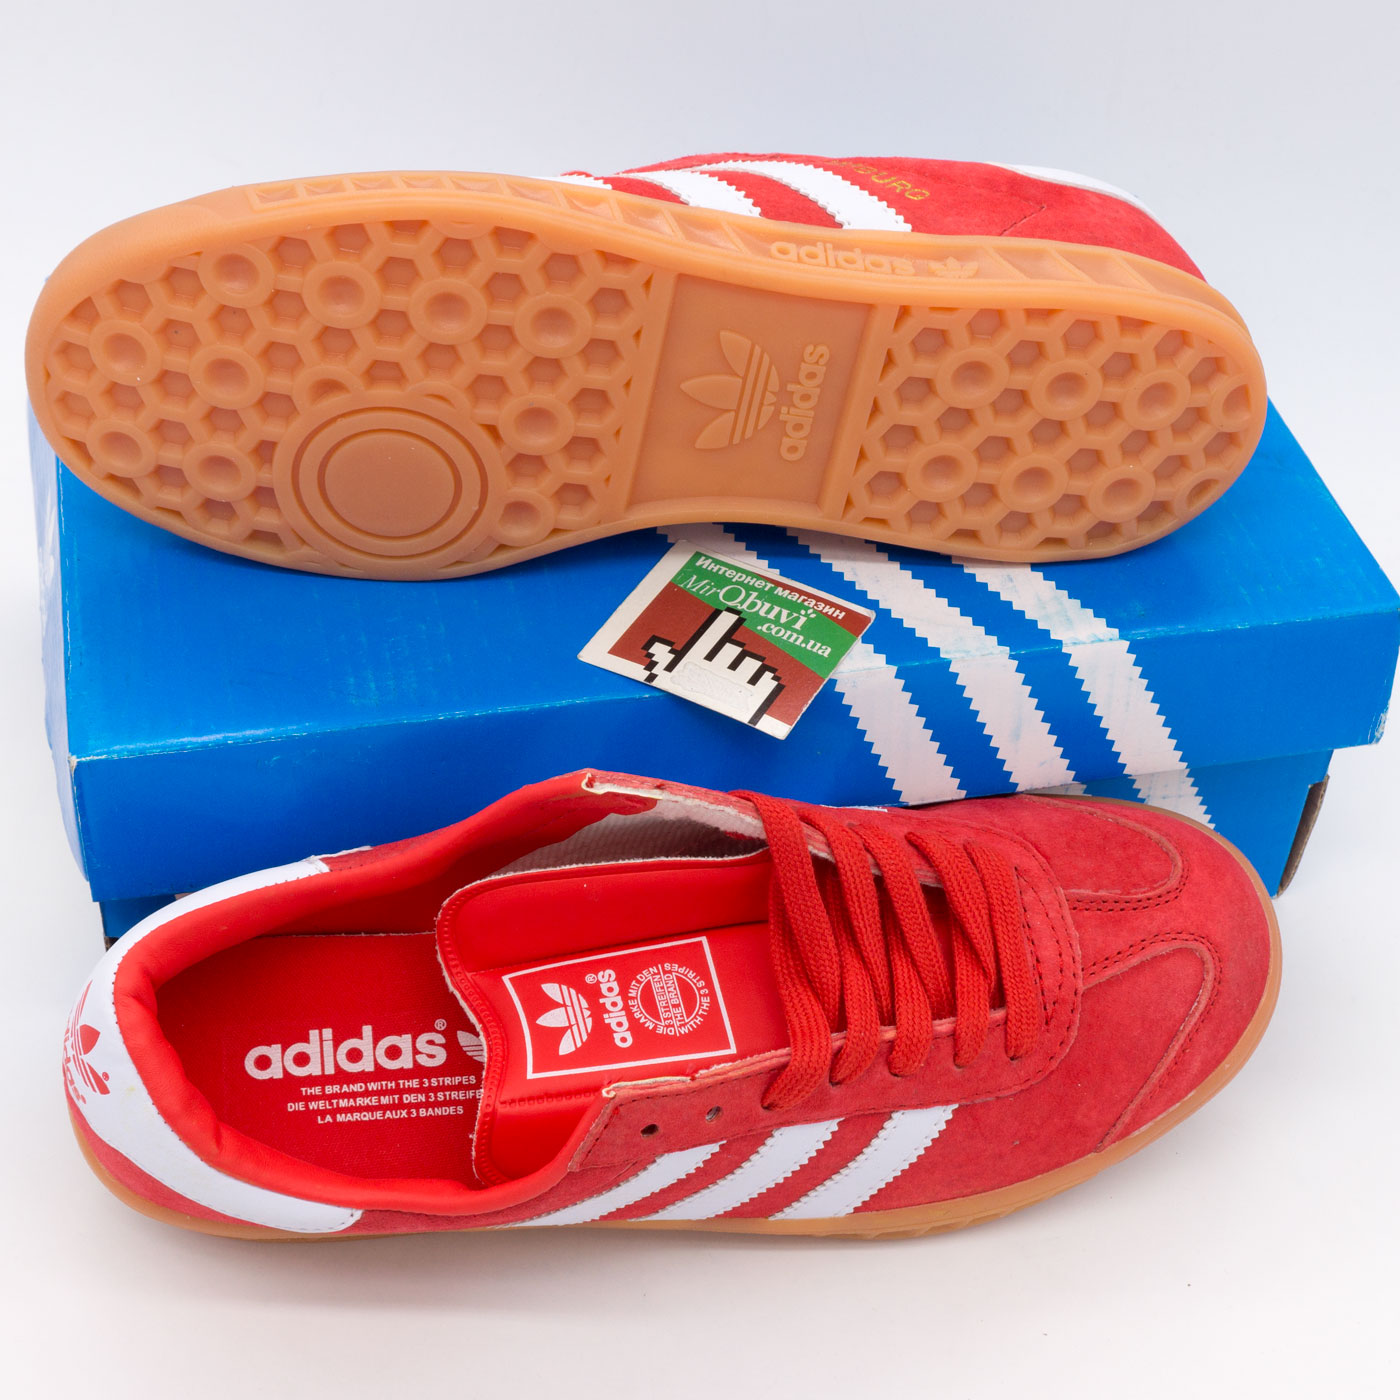 фото bottom Кроссовки Adidas Hamburg красные - Натуральная замша - Топ качество! bottom